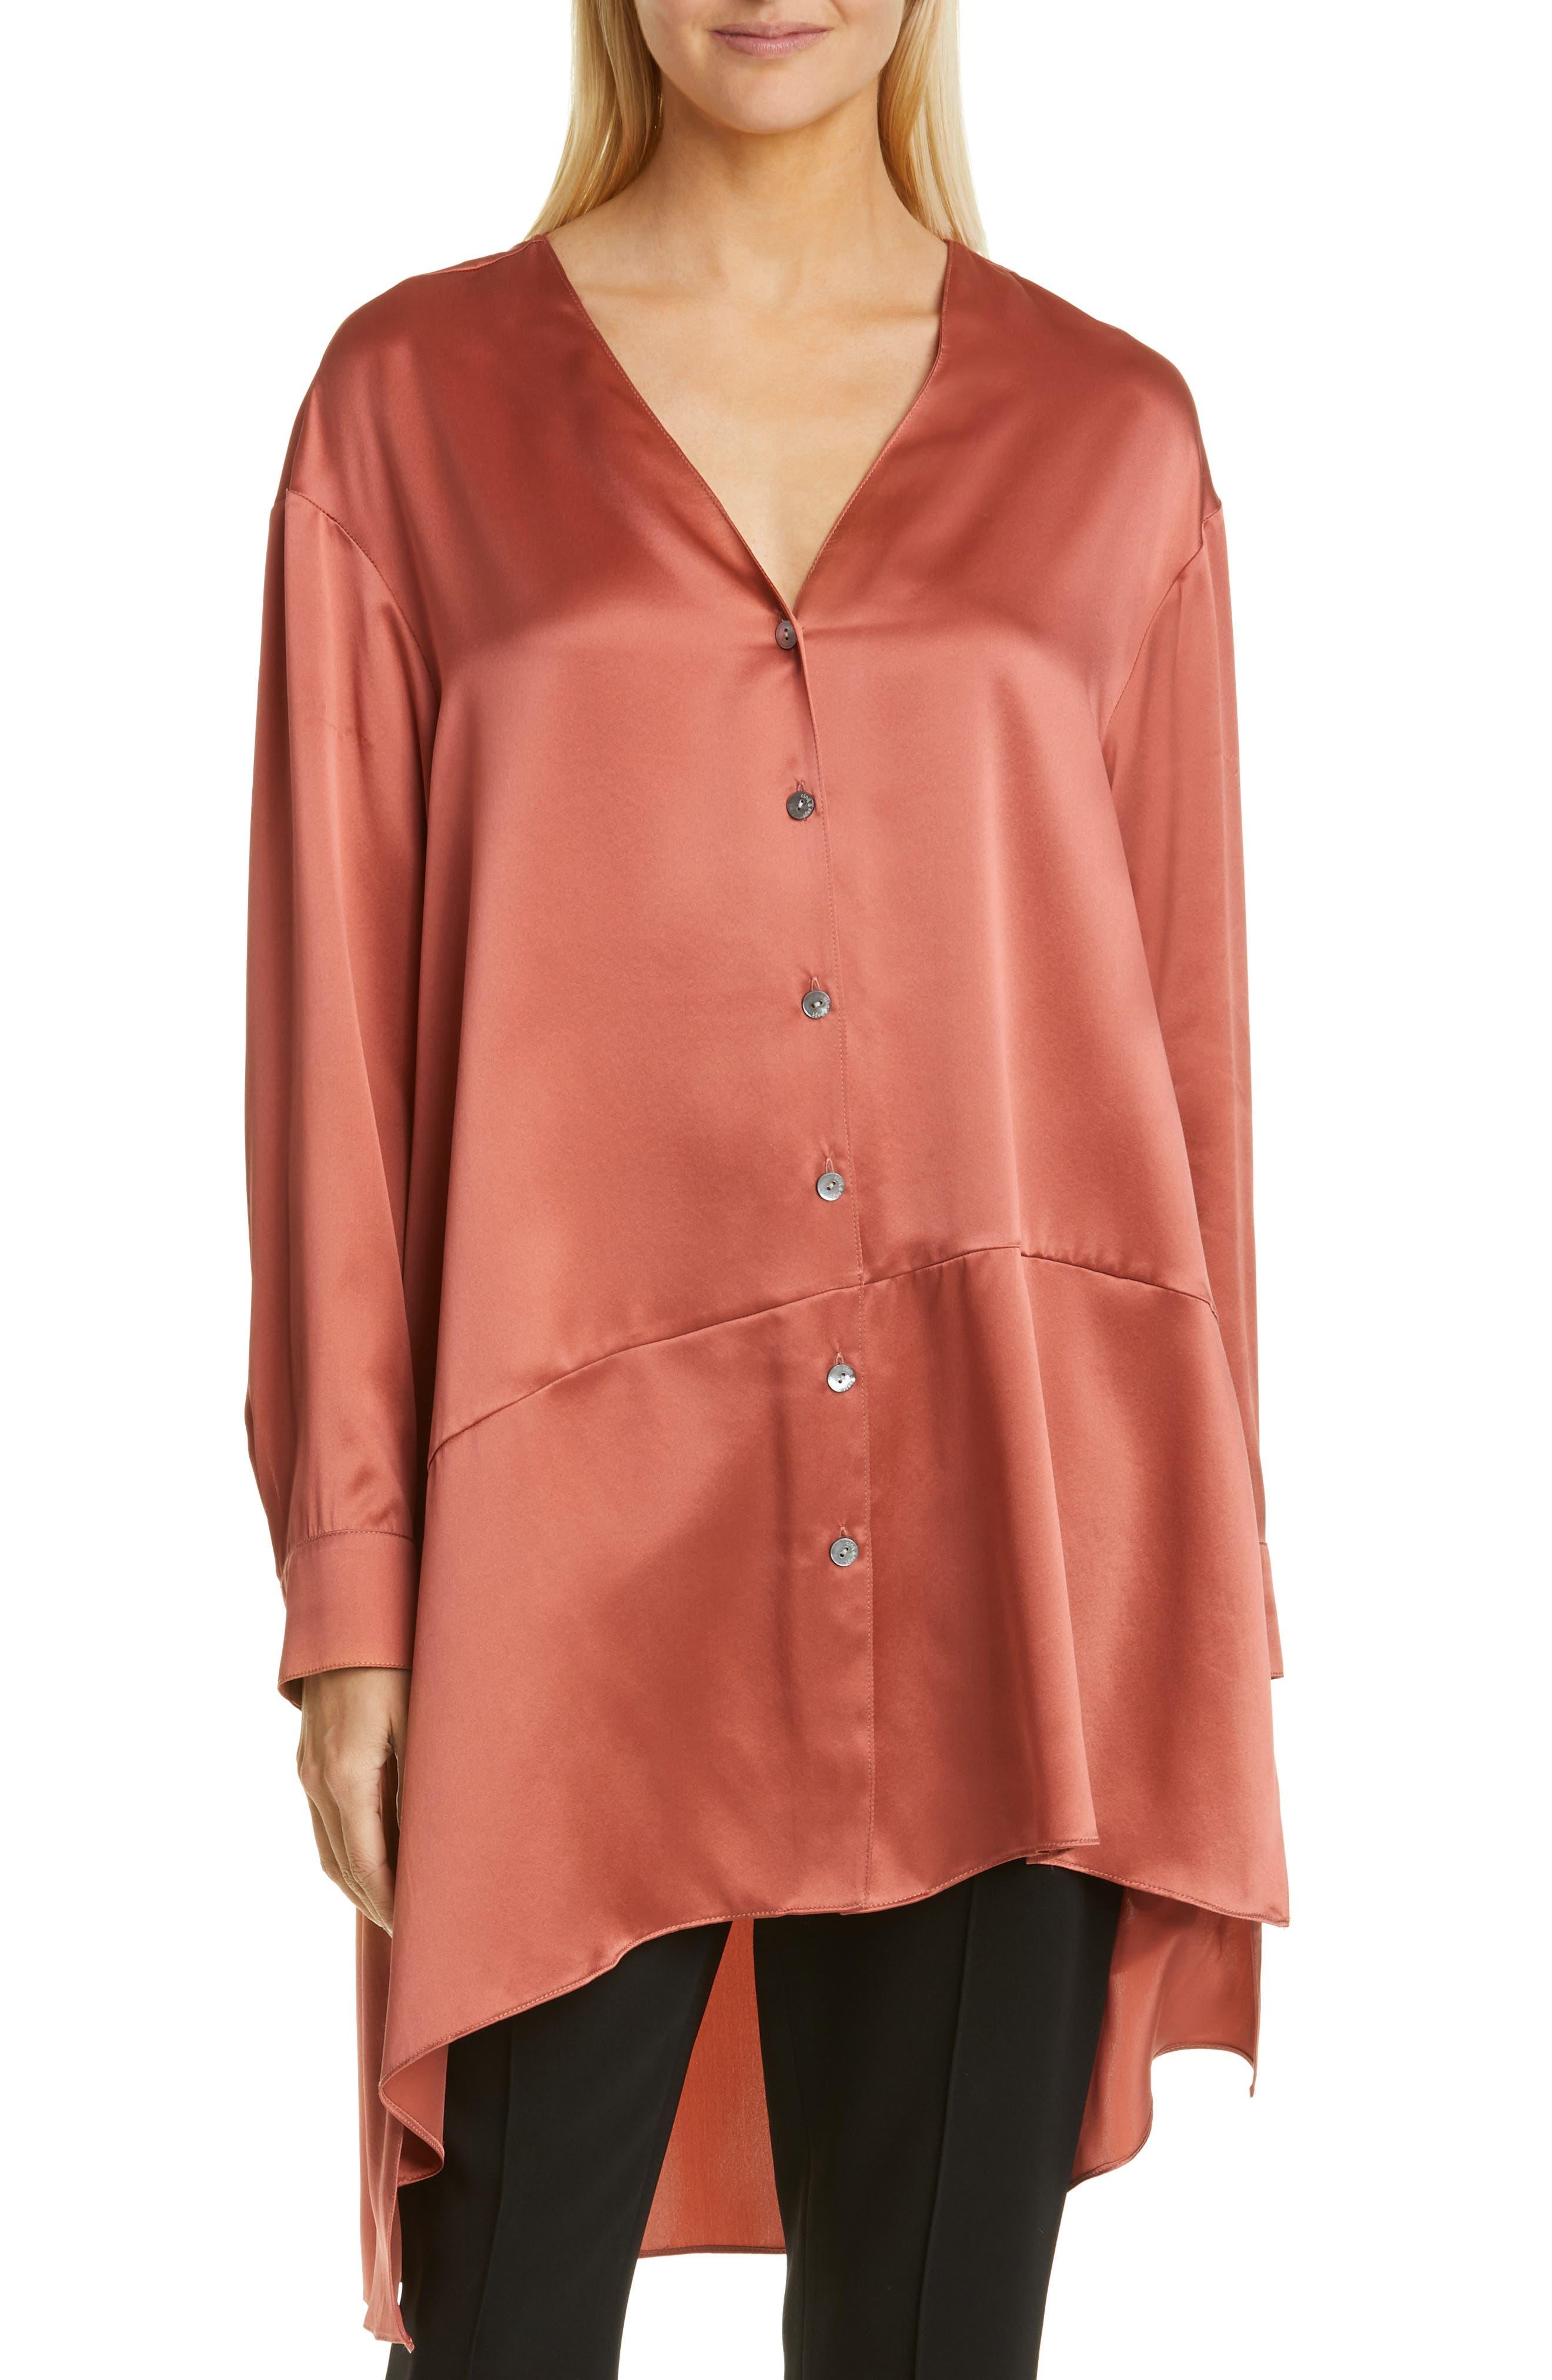 Image of Cinq a Sept Opal High/Low Silk Shirt